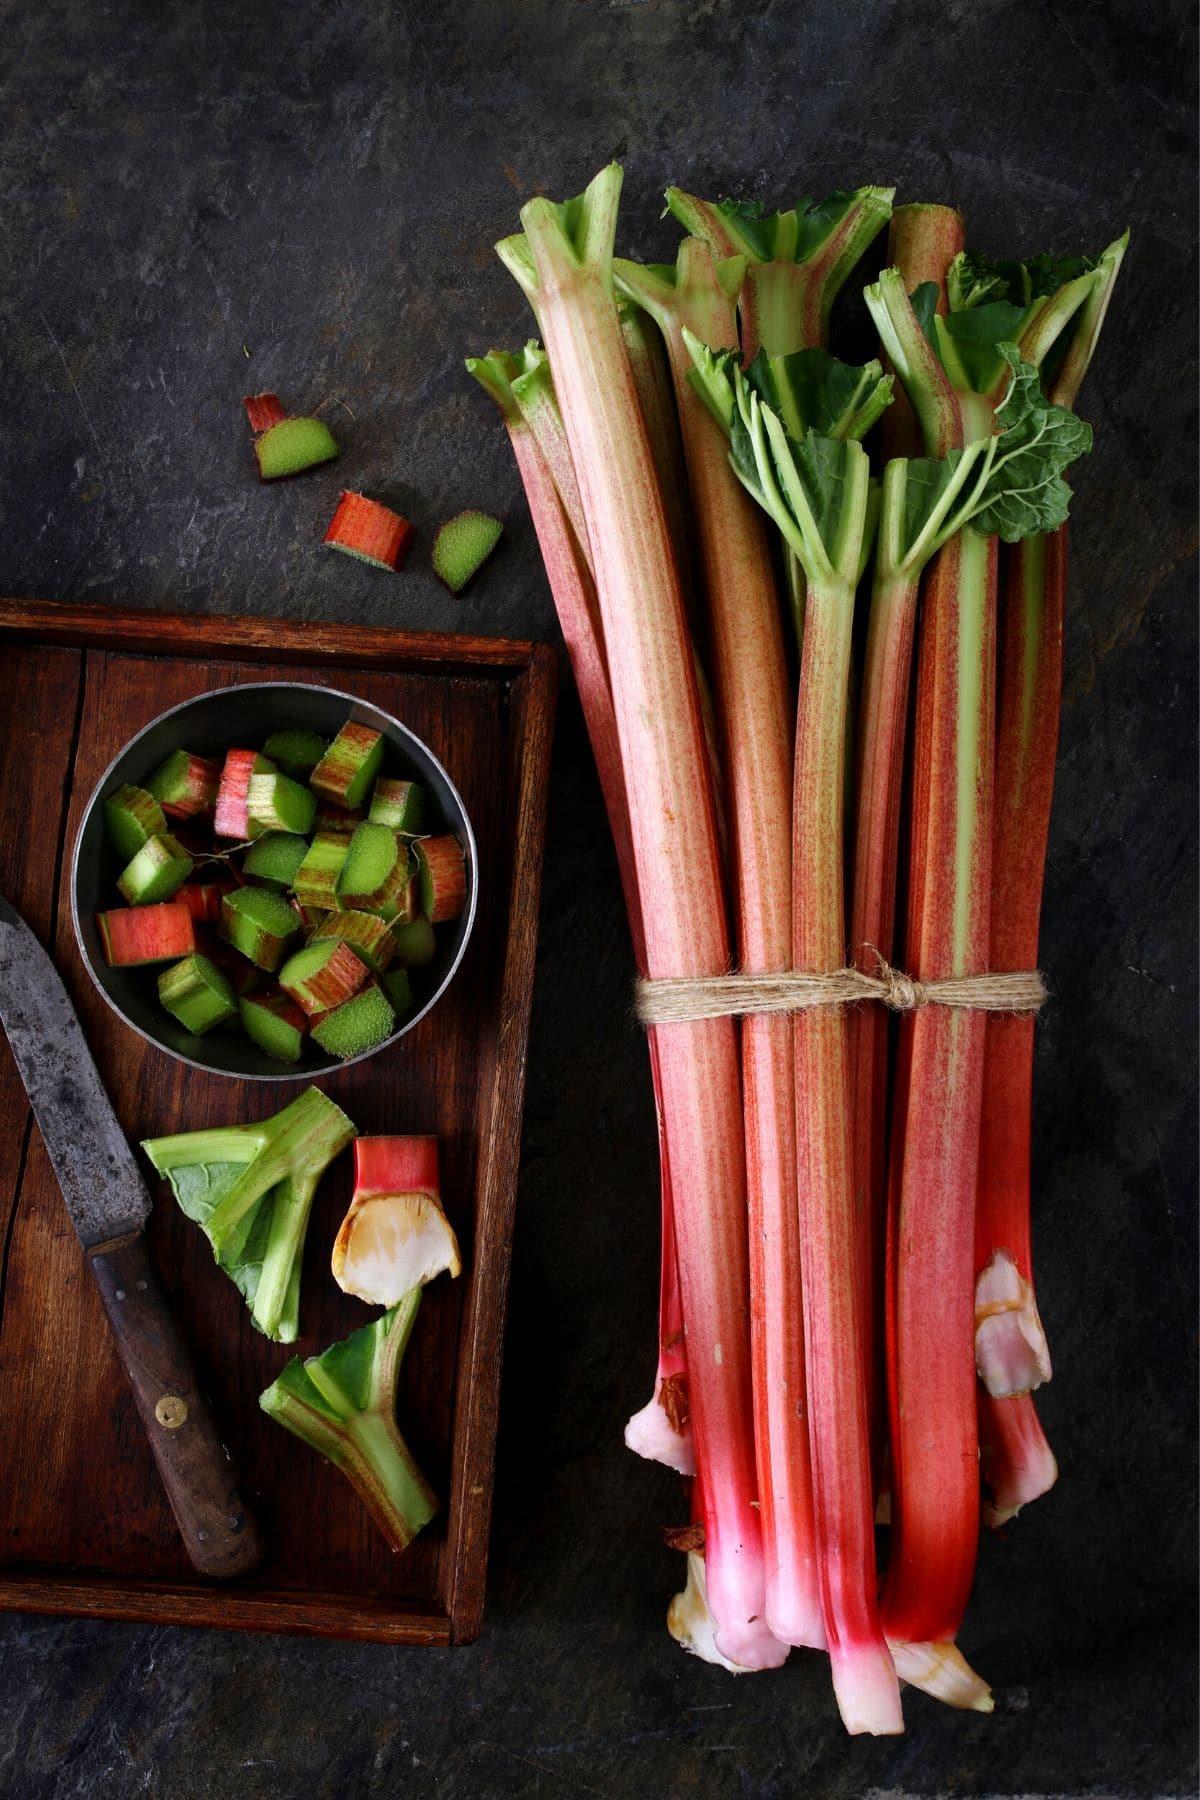 stalks of rhubarb and sliced rhubarb